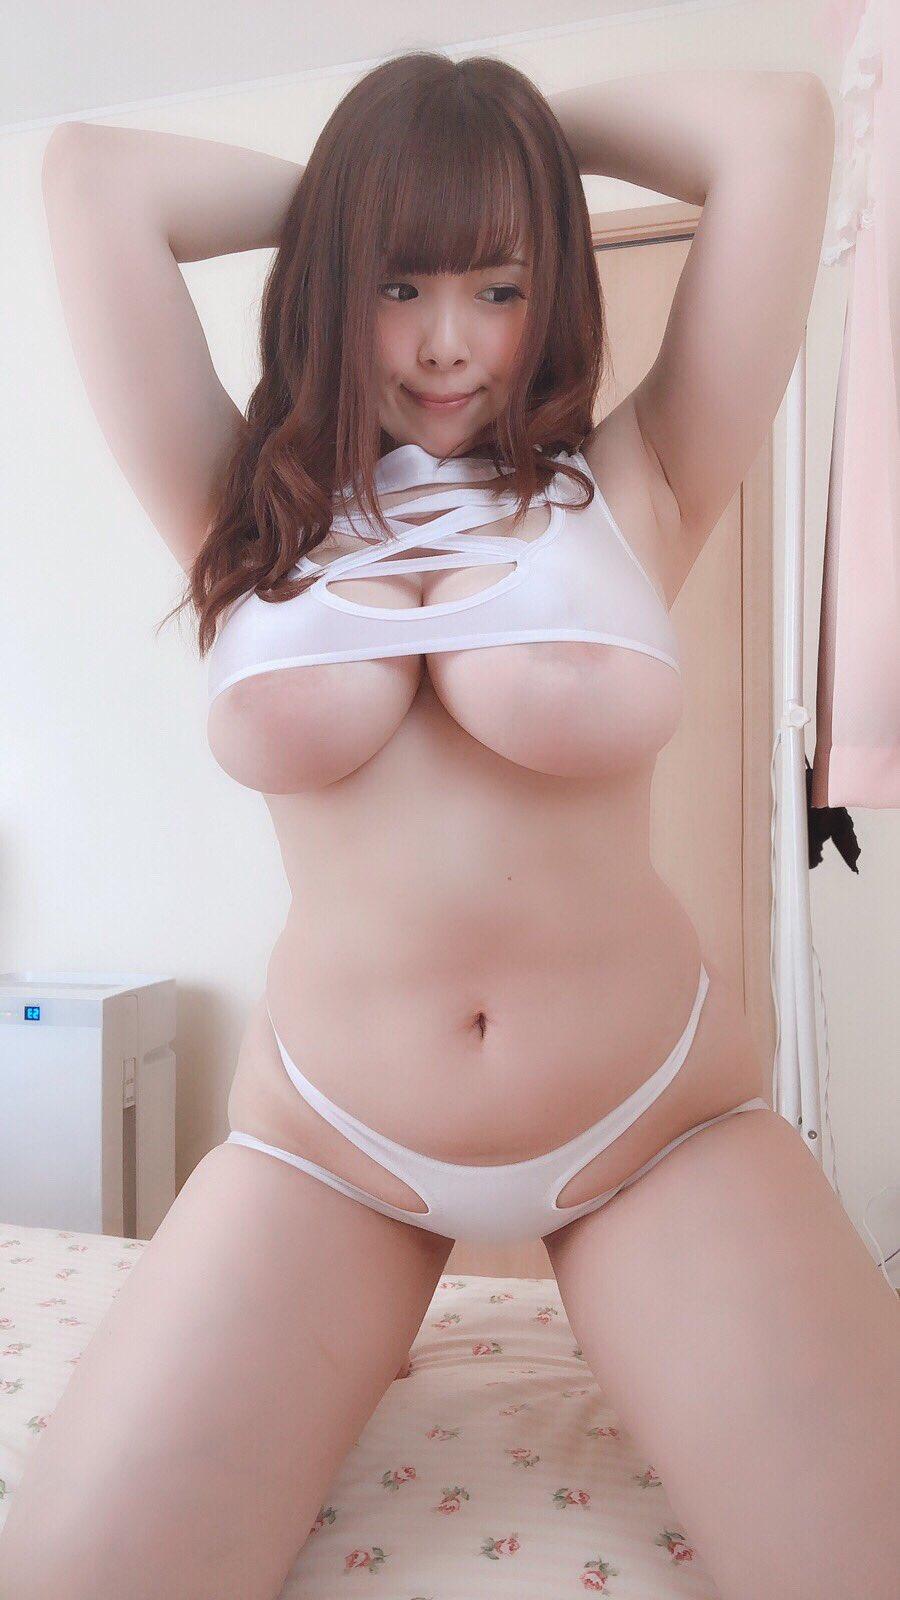 【画像あり】恵体痴女AV女優で打線組んだ